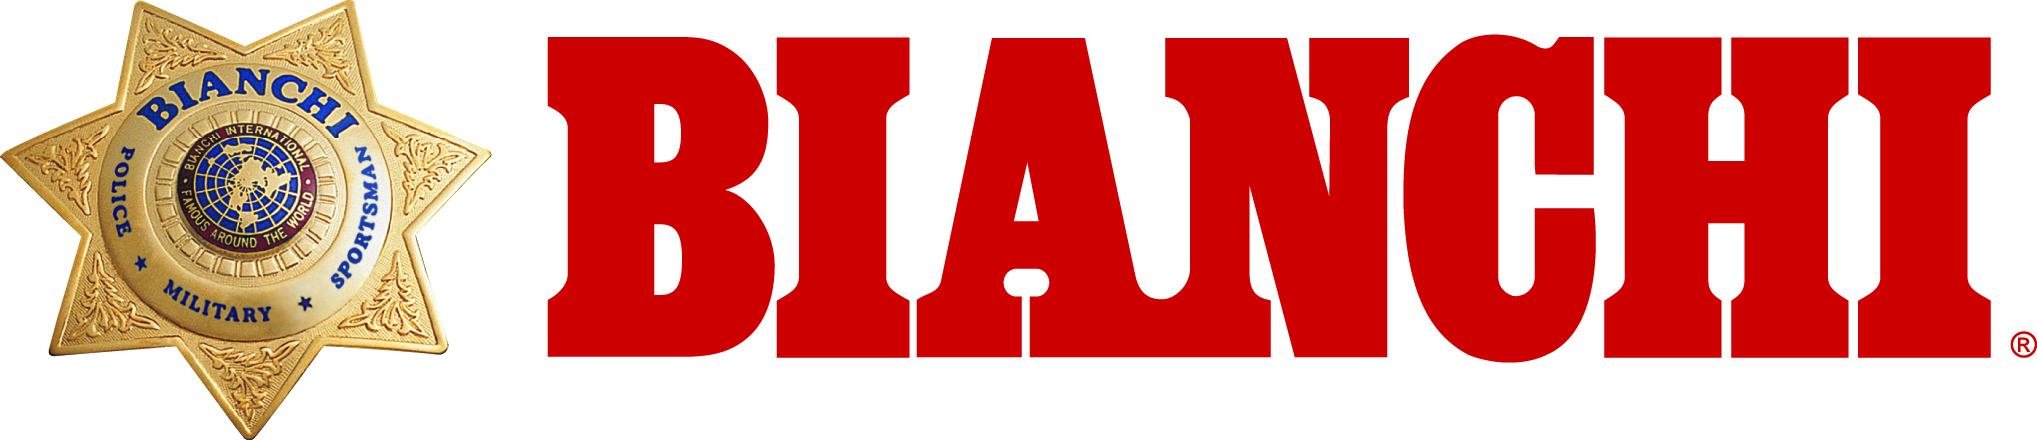 Bianchi_Star_Logo_4c_Rev.jpg